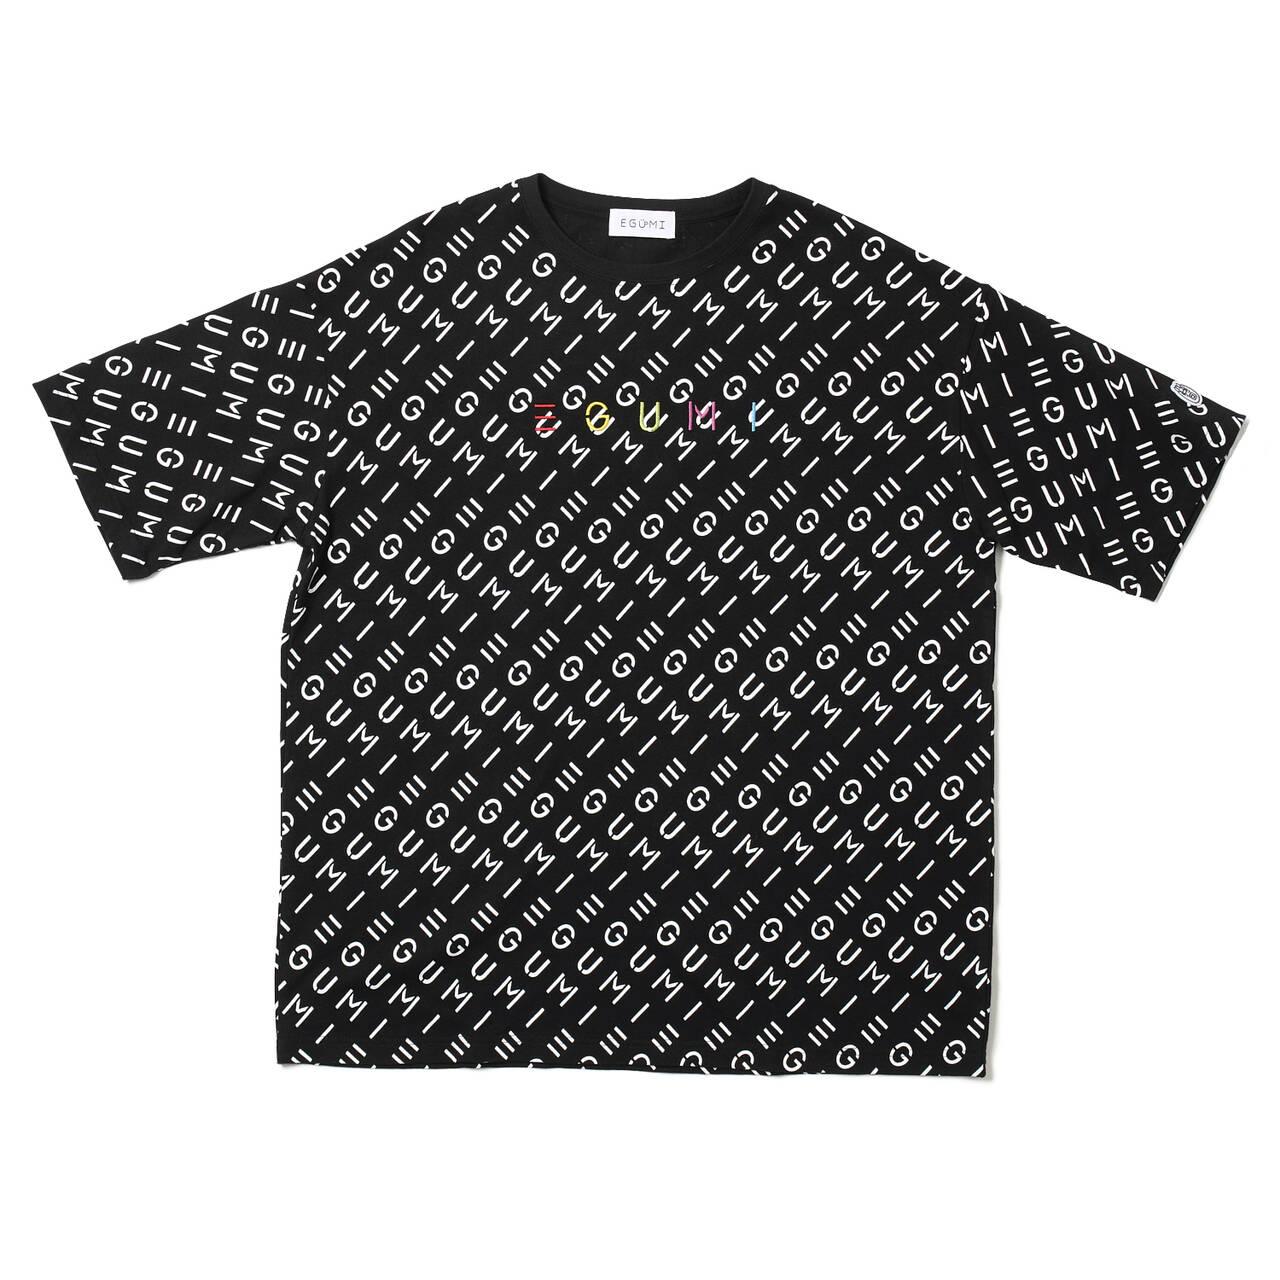 江口拓也コラボアパレル「EGUMI」新作登場! Tシャツやキャップ、扇子やカレッジリングも